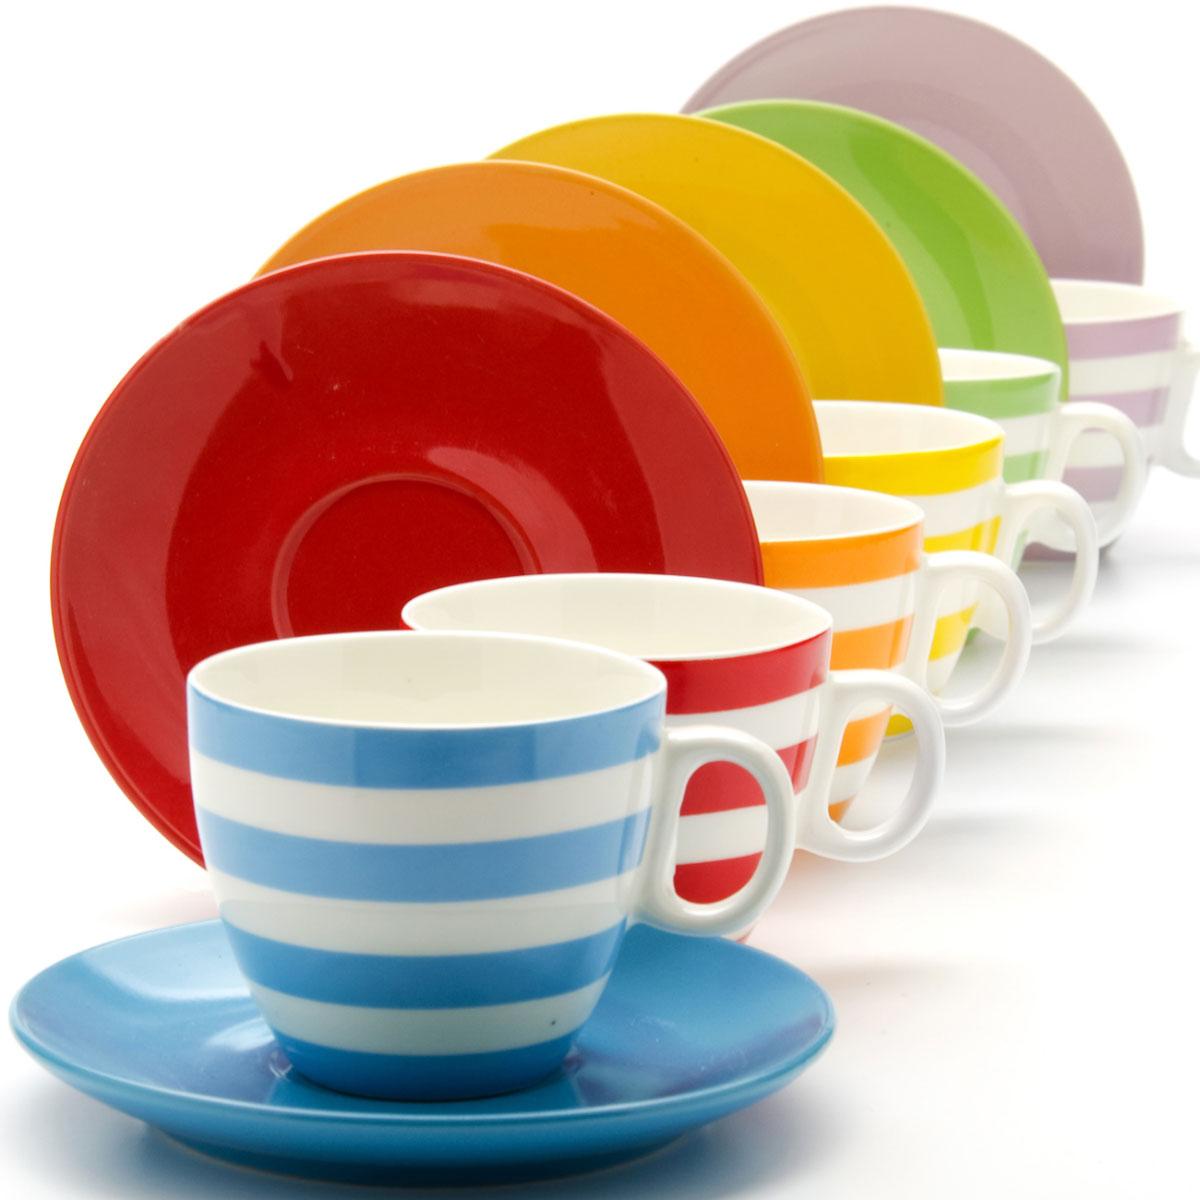 Набор кружек Loraine, 220 мл, 6 шт. 2424124241Материал: Керамика Объем: 220 мл х 6 Цвет: фиолетовый, синий, зеленый, красный, желтый, оранжевый с белыми полосами Количество: 12 предметов( 6 чашек + 6 блюдец) Размер коробки: 32,2 х 24,4 х 8,5 см Вес: 2.58 кг Этот набор состоит из 6 чашек + 6 блюдец. Чашки изготовлены из высококачественной керамики. Изящный дизайн придется по вкусу и ценителям классики, и тем, кто предпочитает утонченность и изысканность. Он настроит на позитивный лад и подарит хорошее настроение с самого утра. Набор кружек LORAINE - идеальный и необходимый подарок для вашего дома и для ваших друзей в праздники.